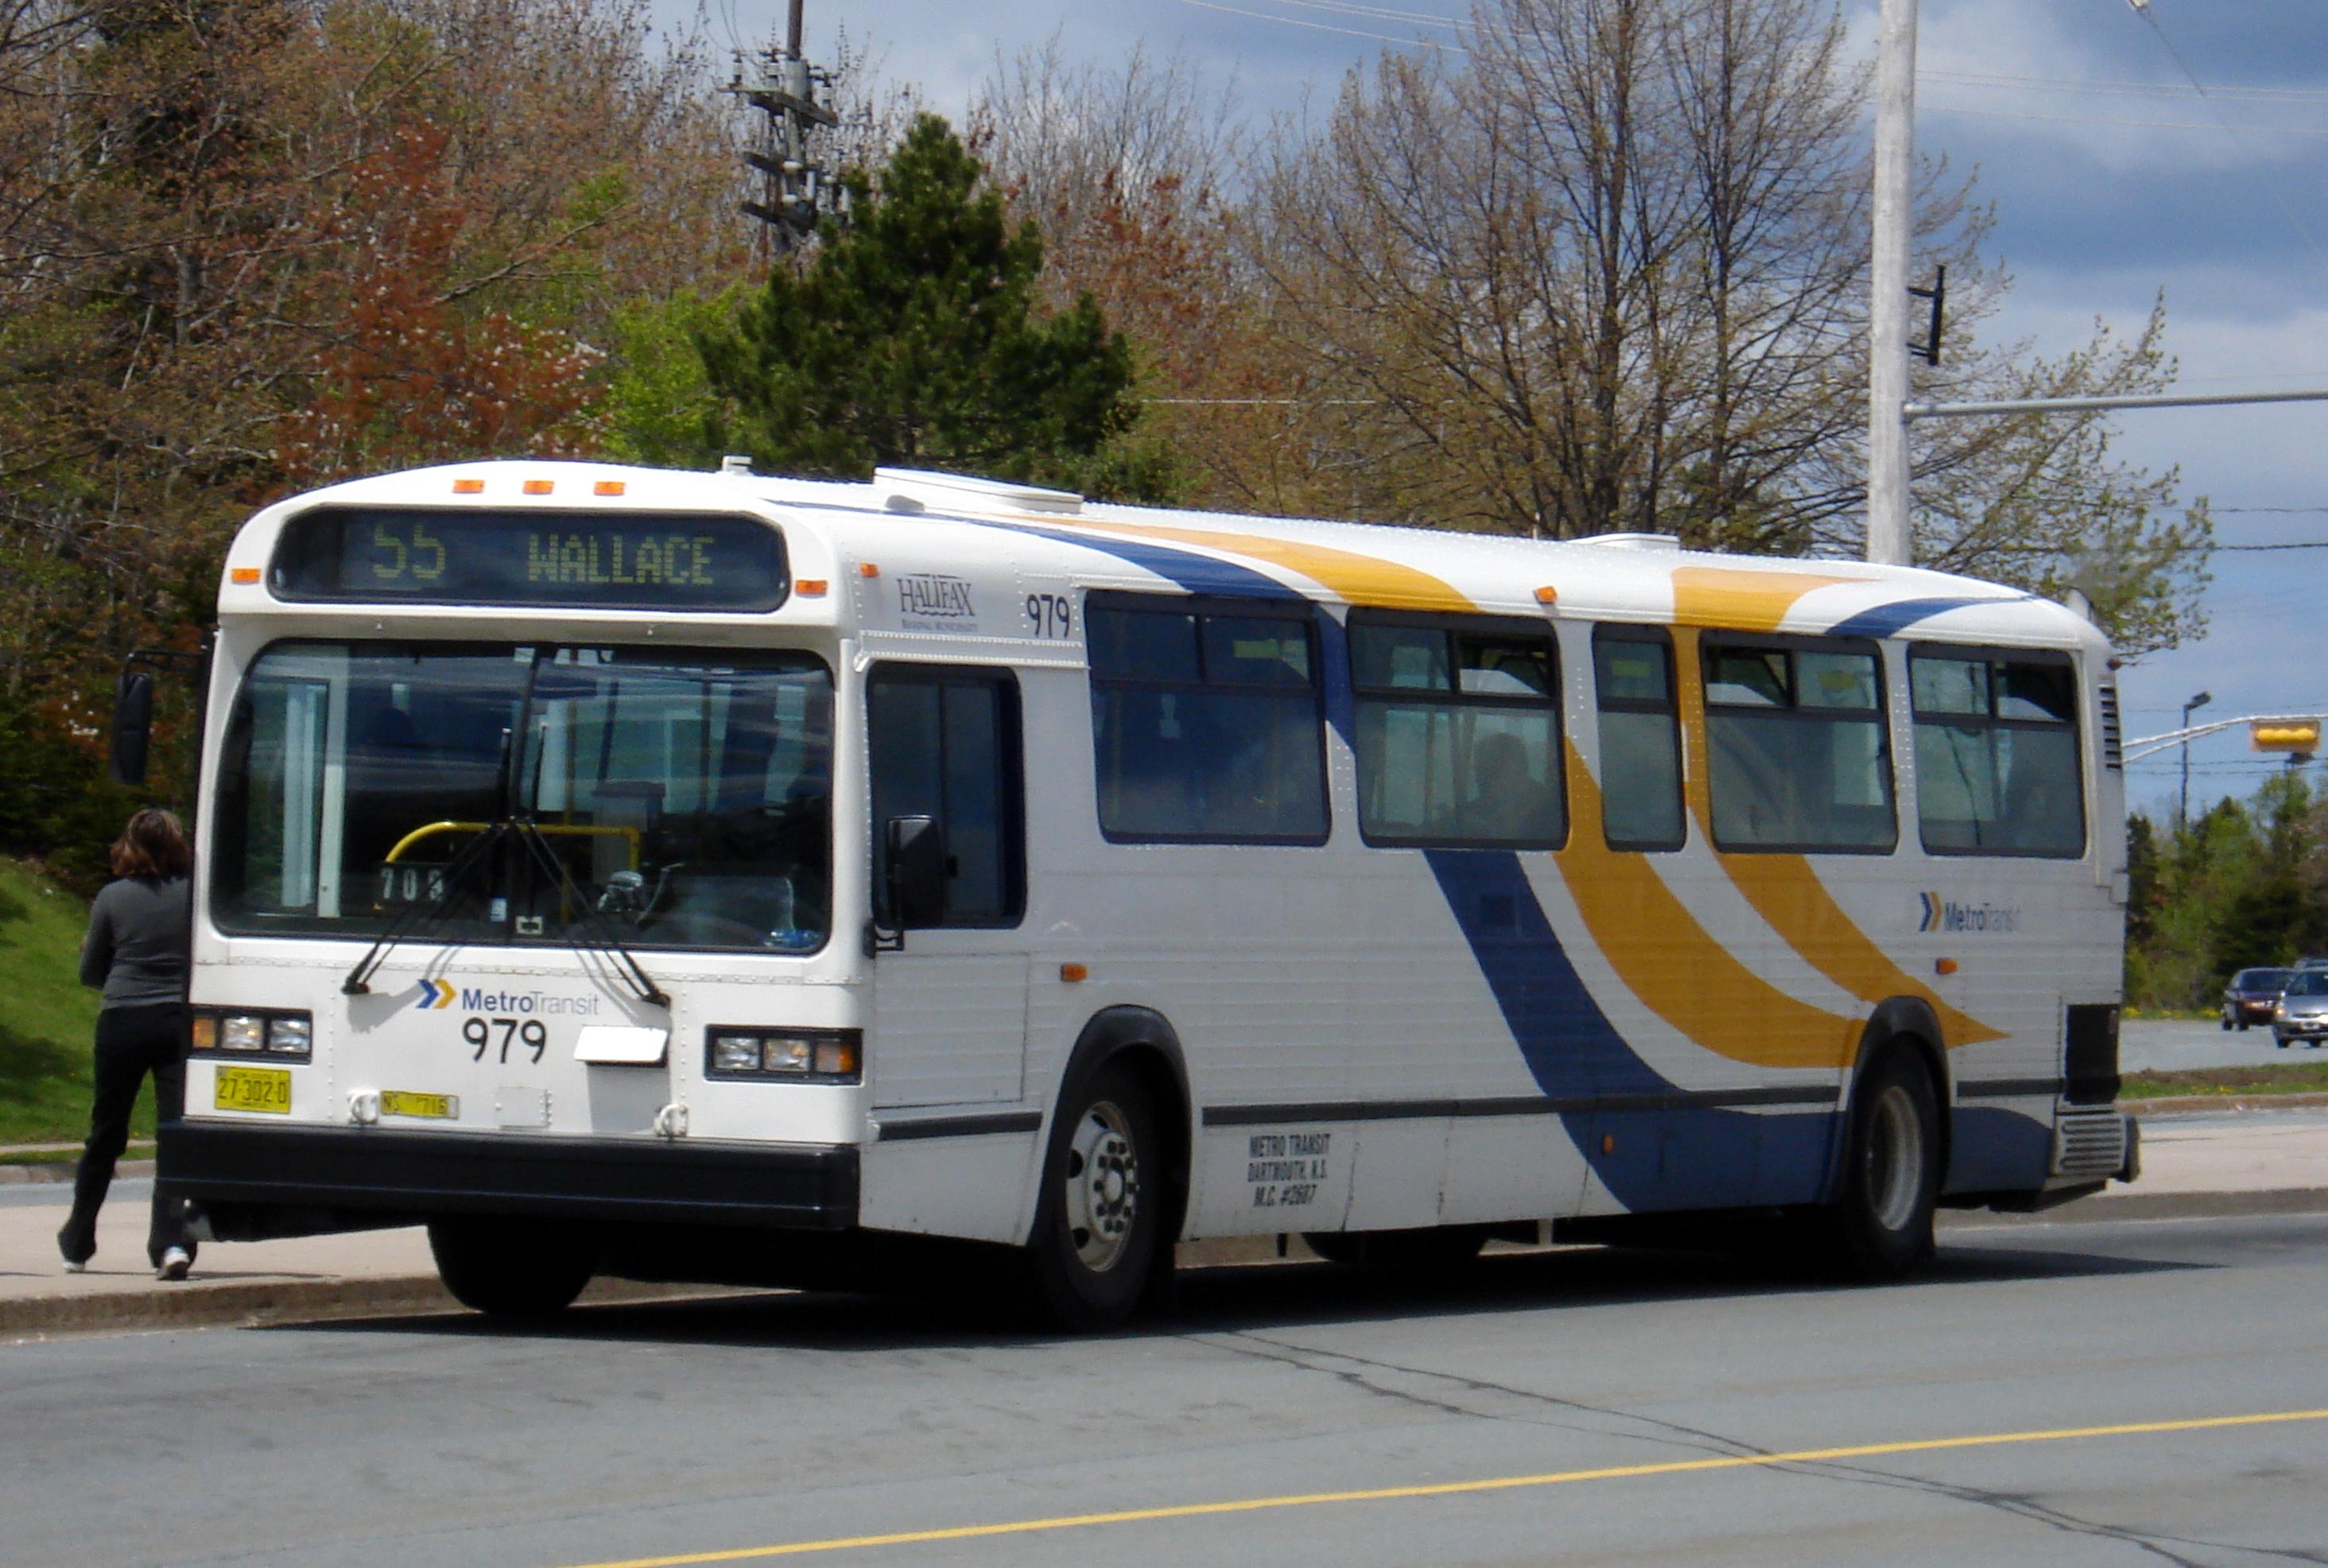 File:Metro Transit 979 new livery.jpg